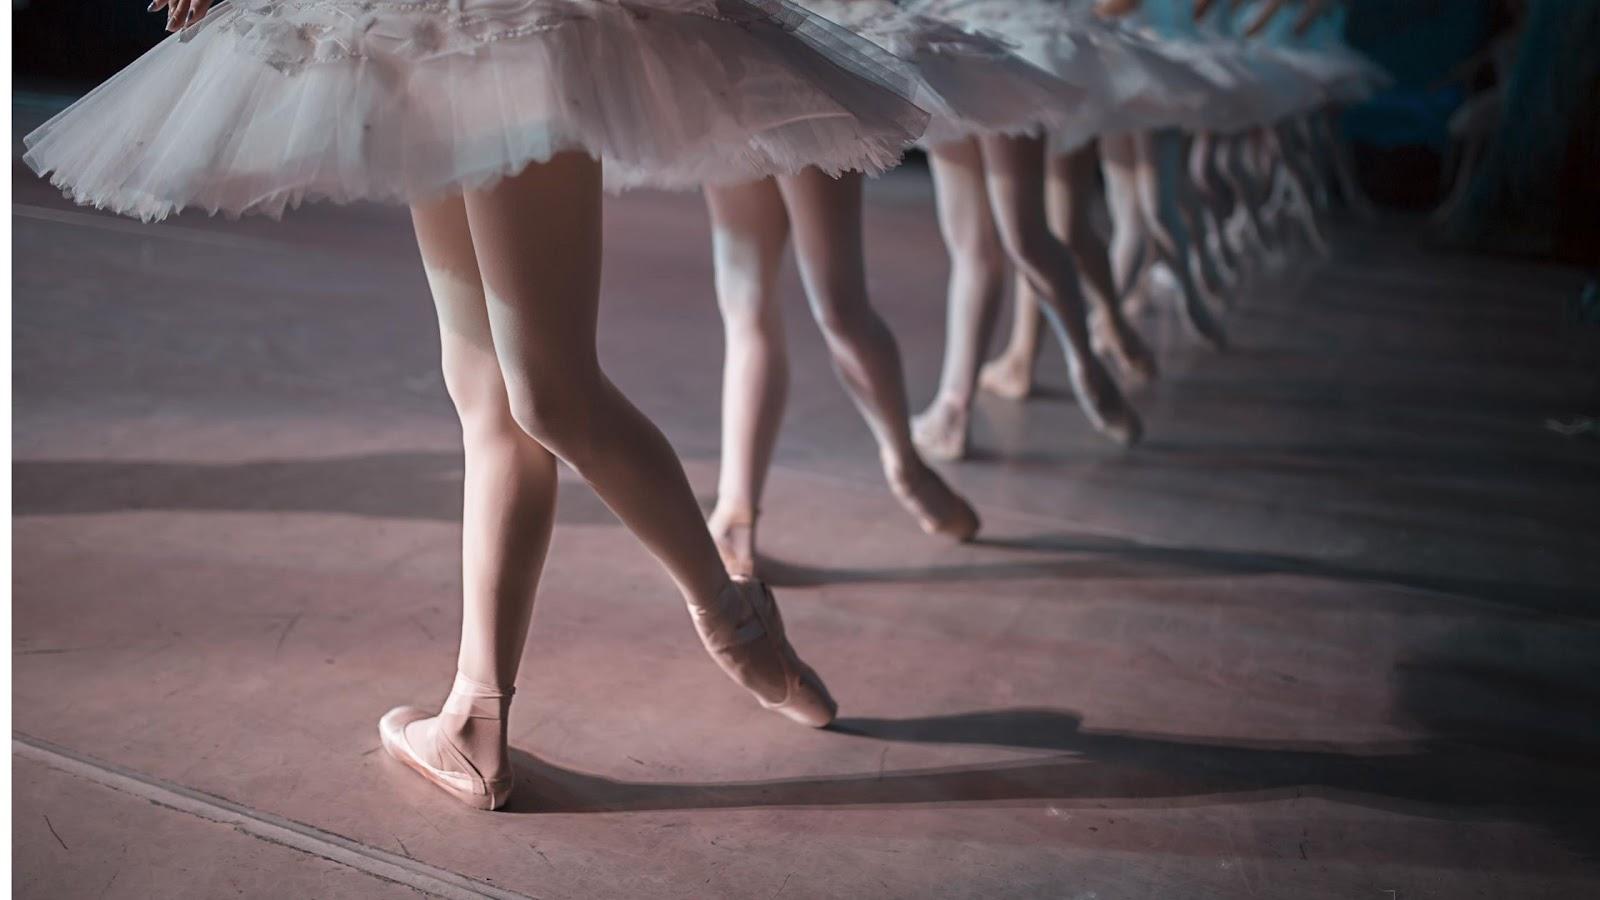 YMCA Ballet classes